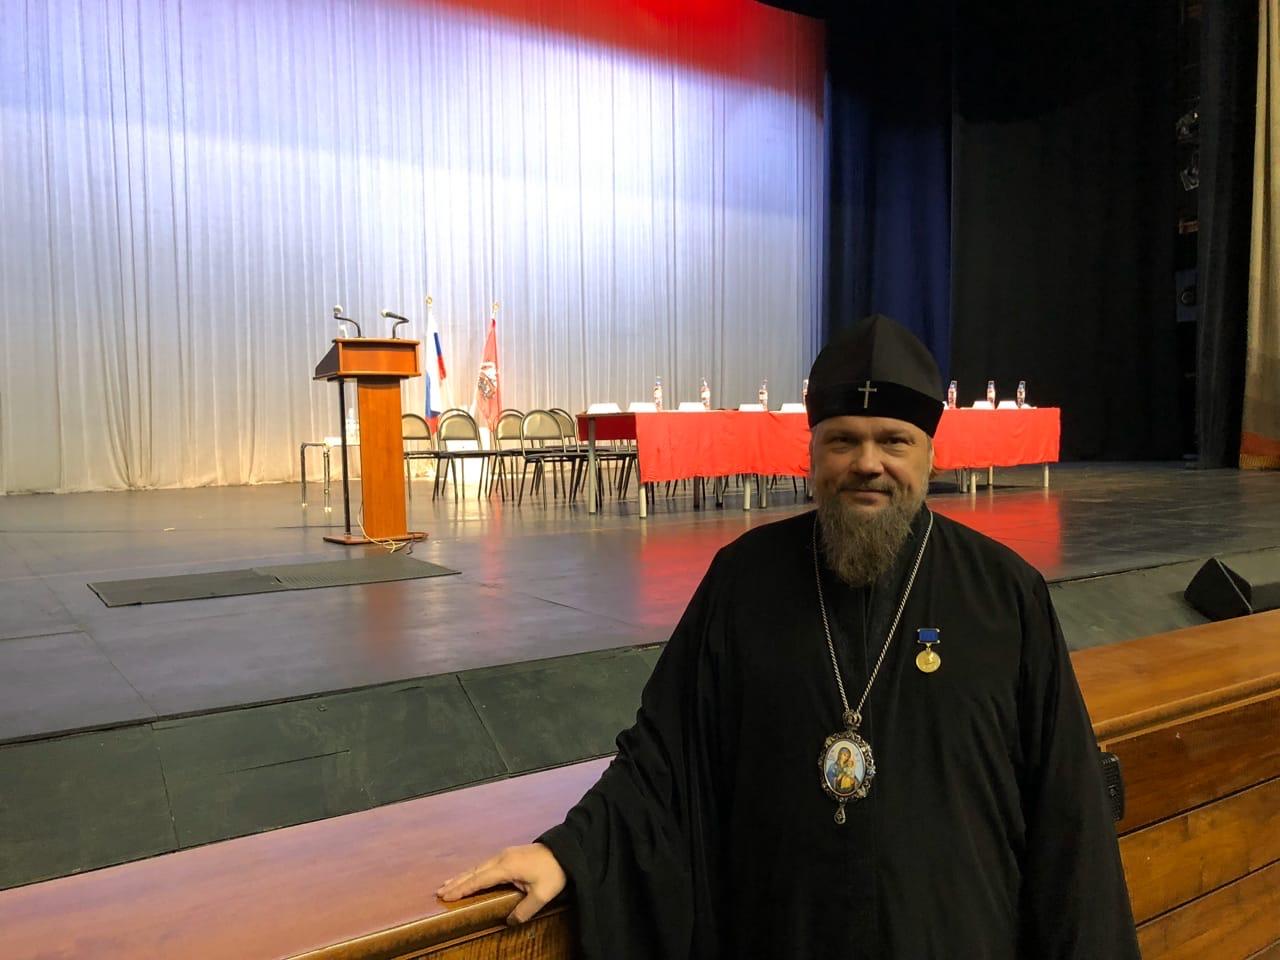 онлайн-блокнот стихи архиепископа питирима его поверхности располагаются